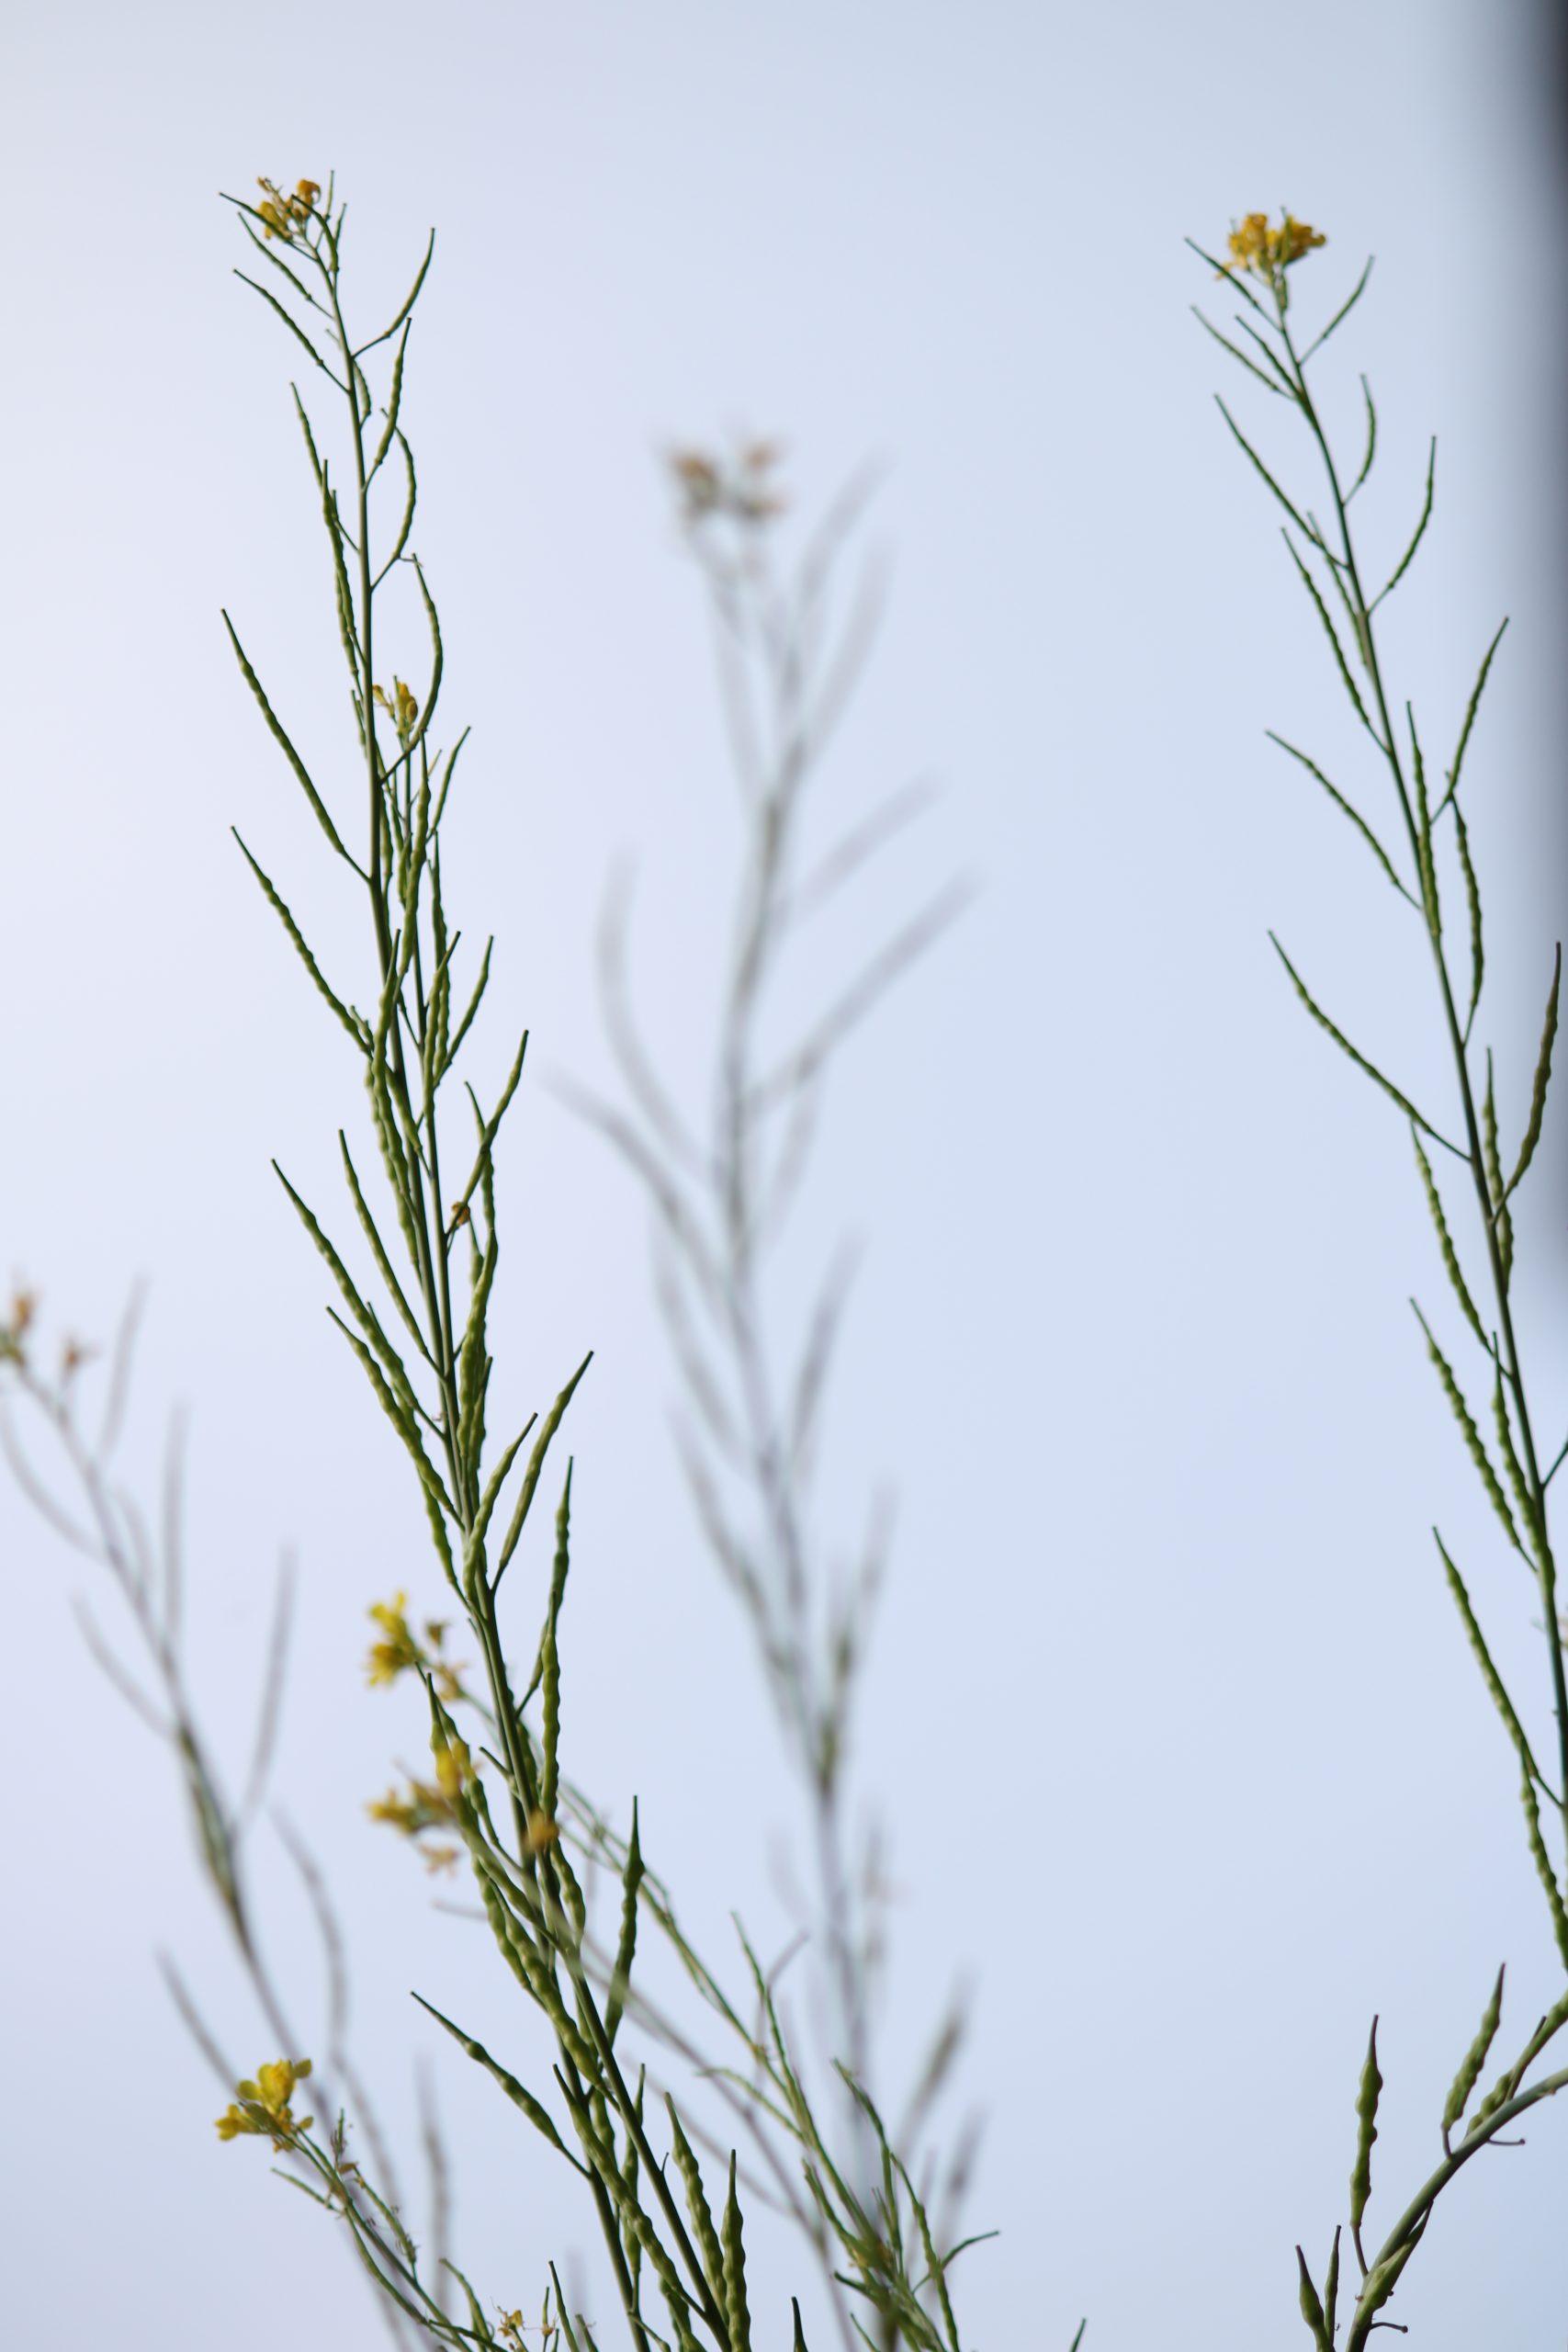 Mustard crop flower